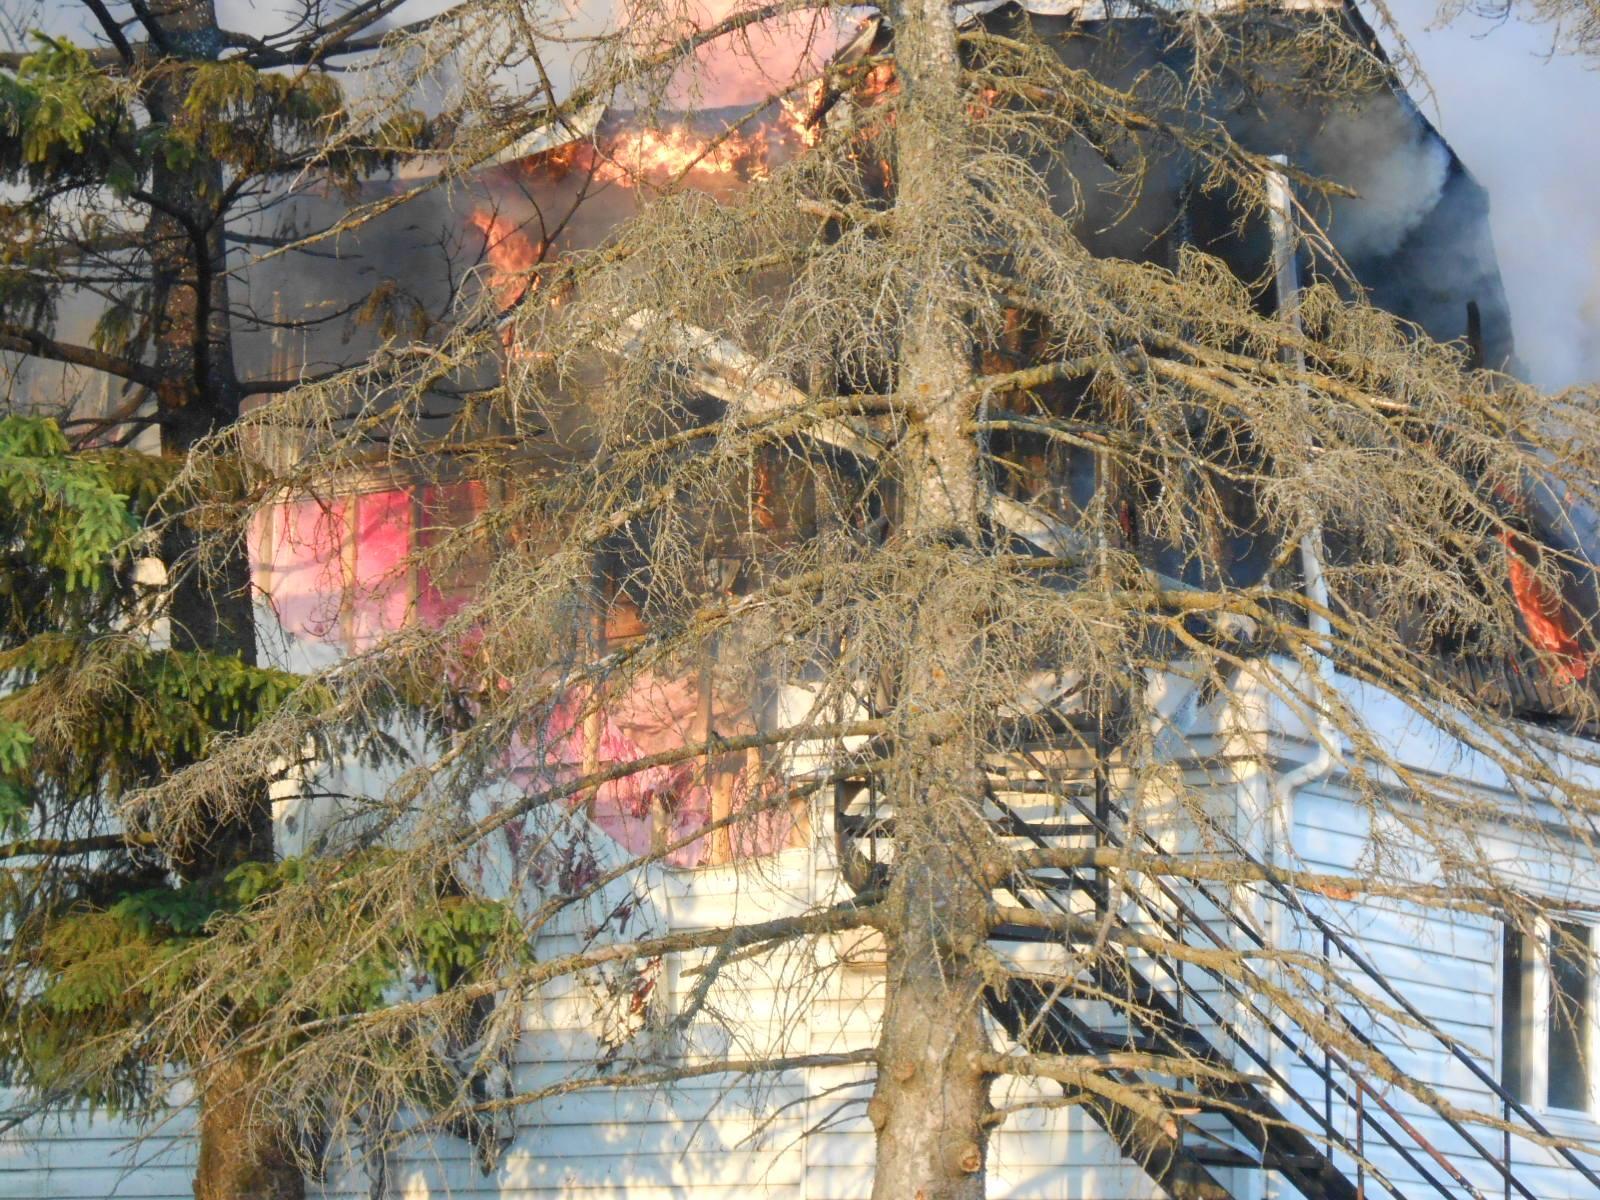 incendie, Saint-Paul, boulevard de l'Industrie